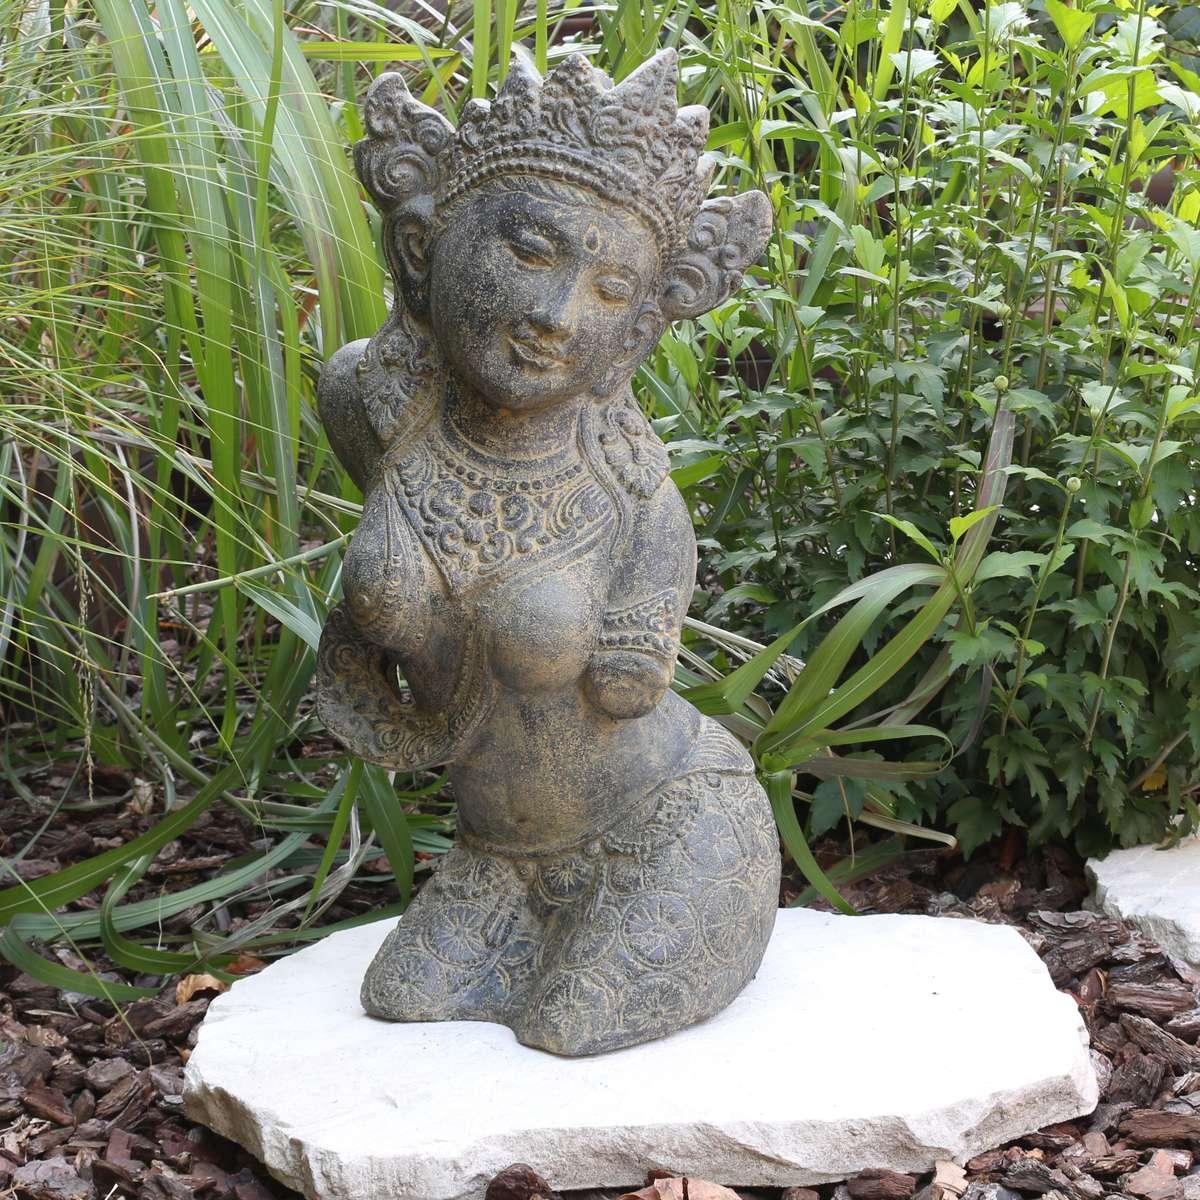 Full Size of Skulpturen Für Den Garten Sita Figur Skulptur Stein Gott Buddha Statue Lavasand Bali Gerätehaus Loungemöbel Günstig Essgruppe Wickelbrett Bett Fliesen Wohnzimmer Skulpturen Für Den Garten